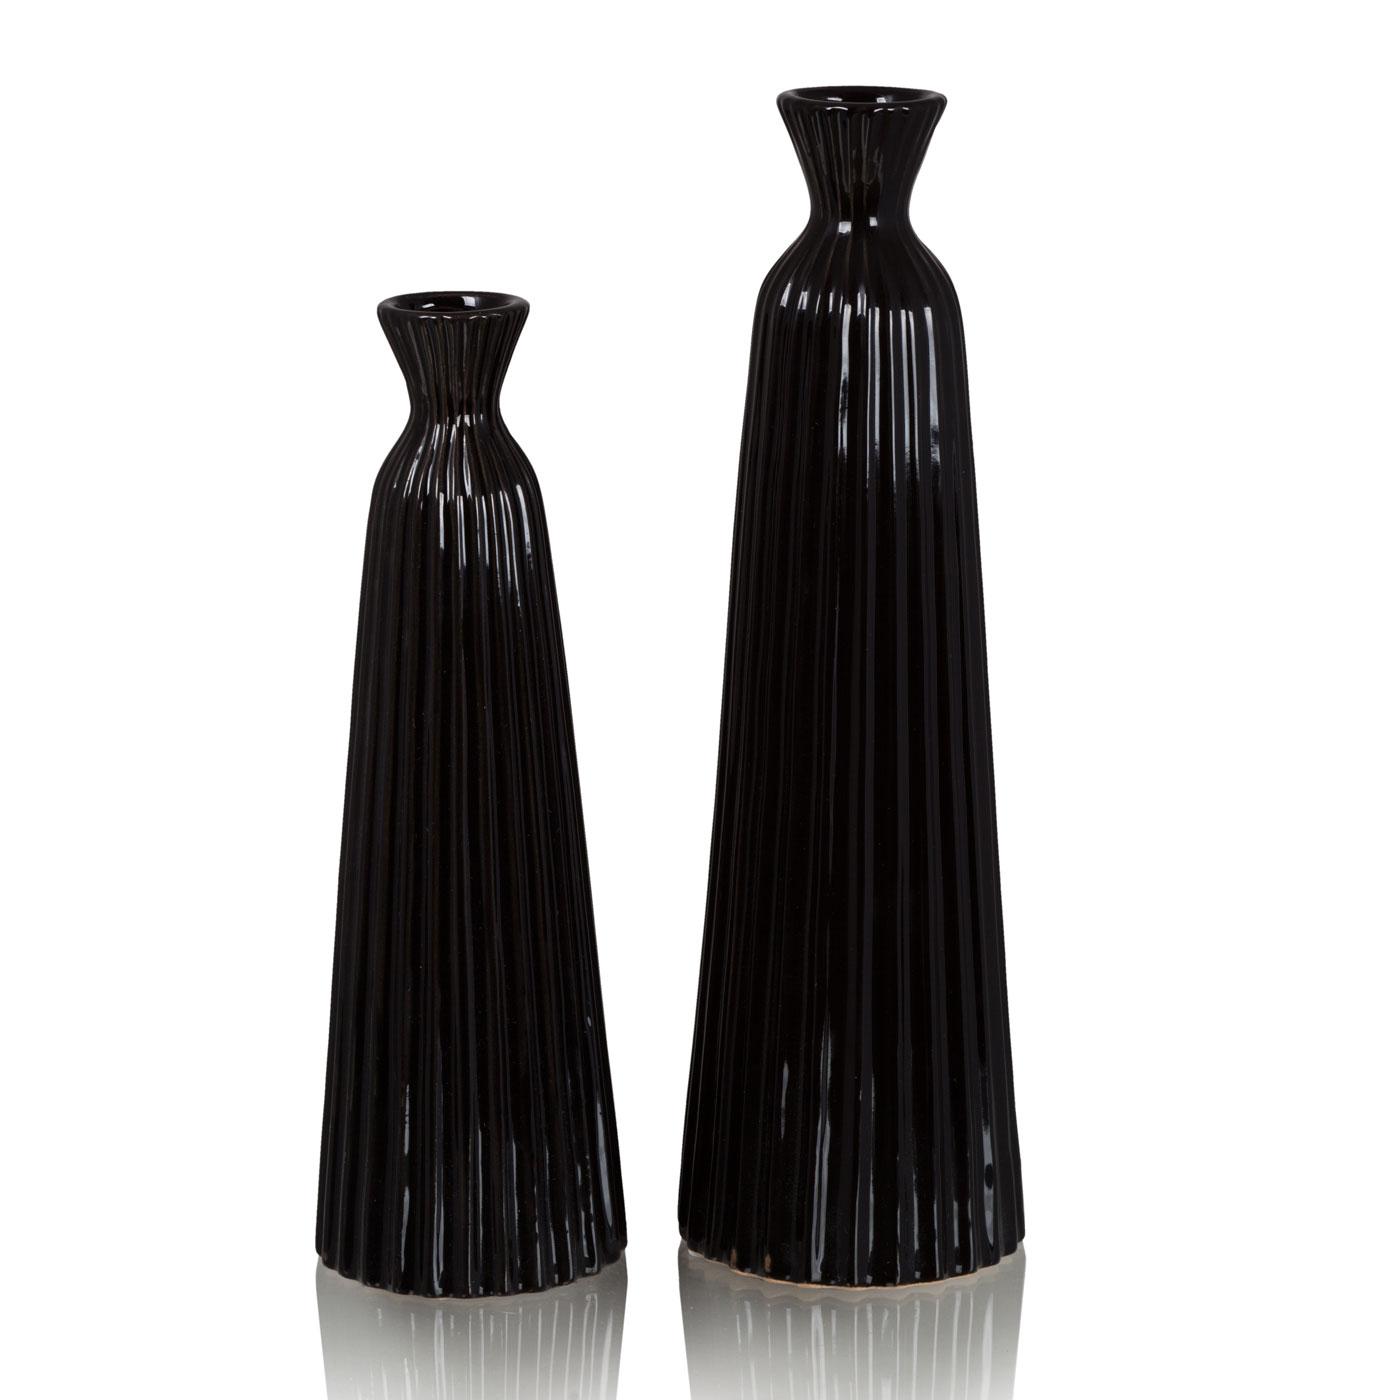 Купить Вазы Home Philosophy, Ваза Paula Цвет: Чёрный (8х25 см, малая), Китай, Керамика